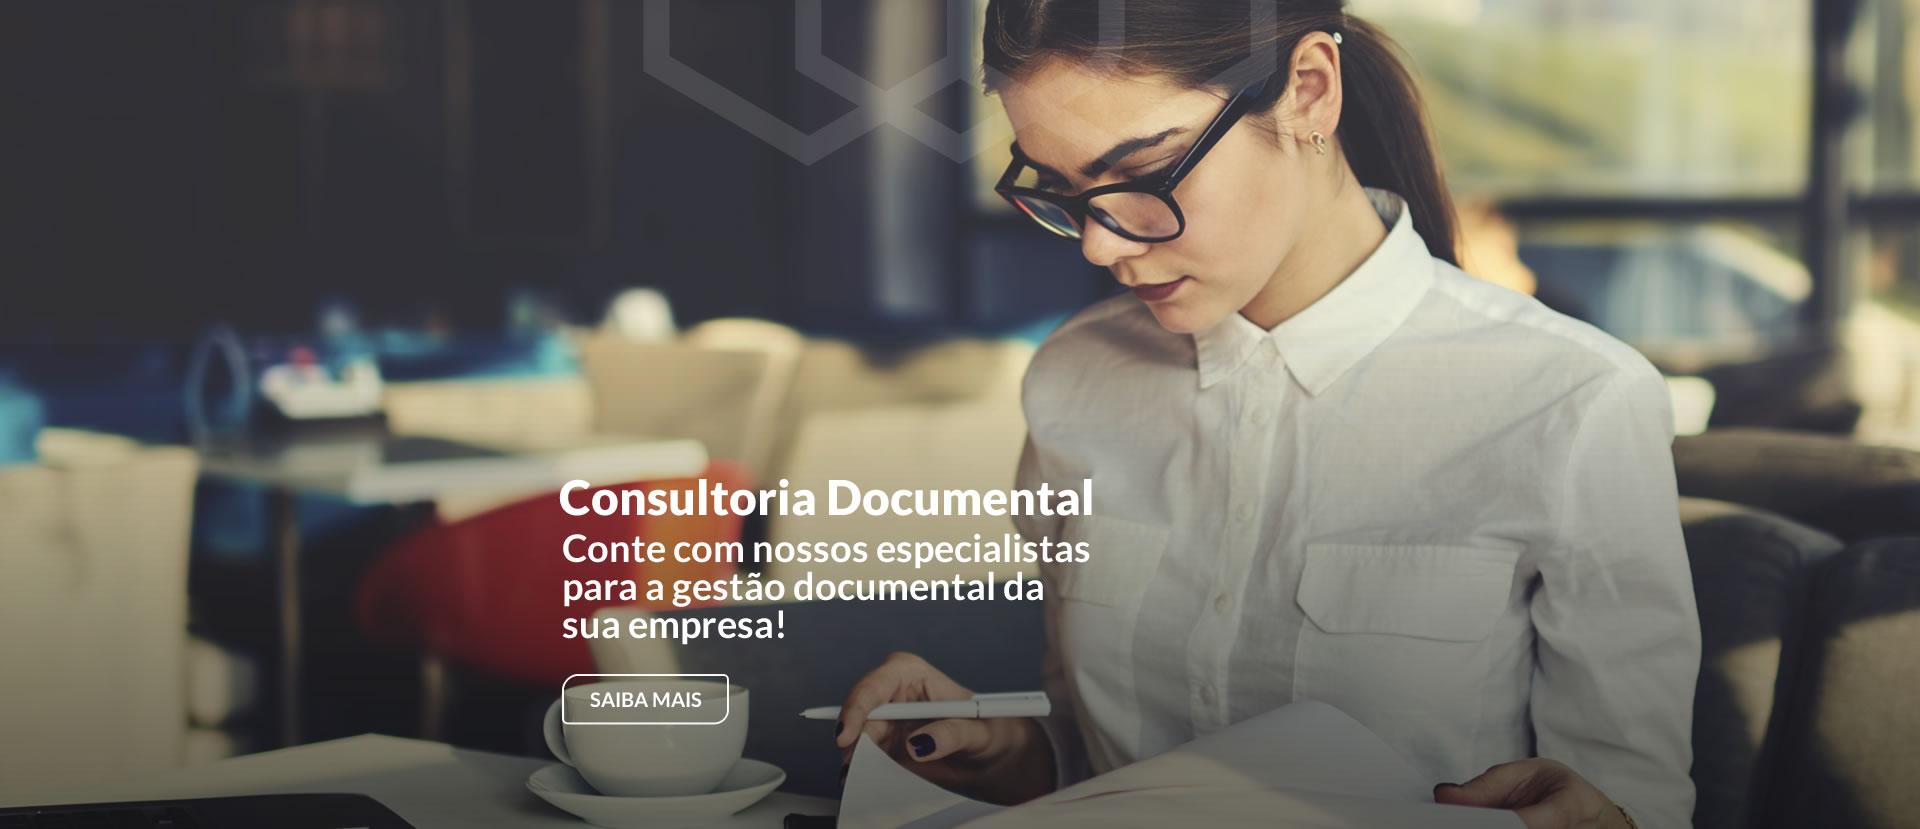 Consultoria Documental